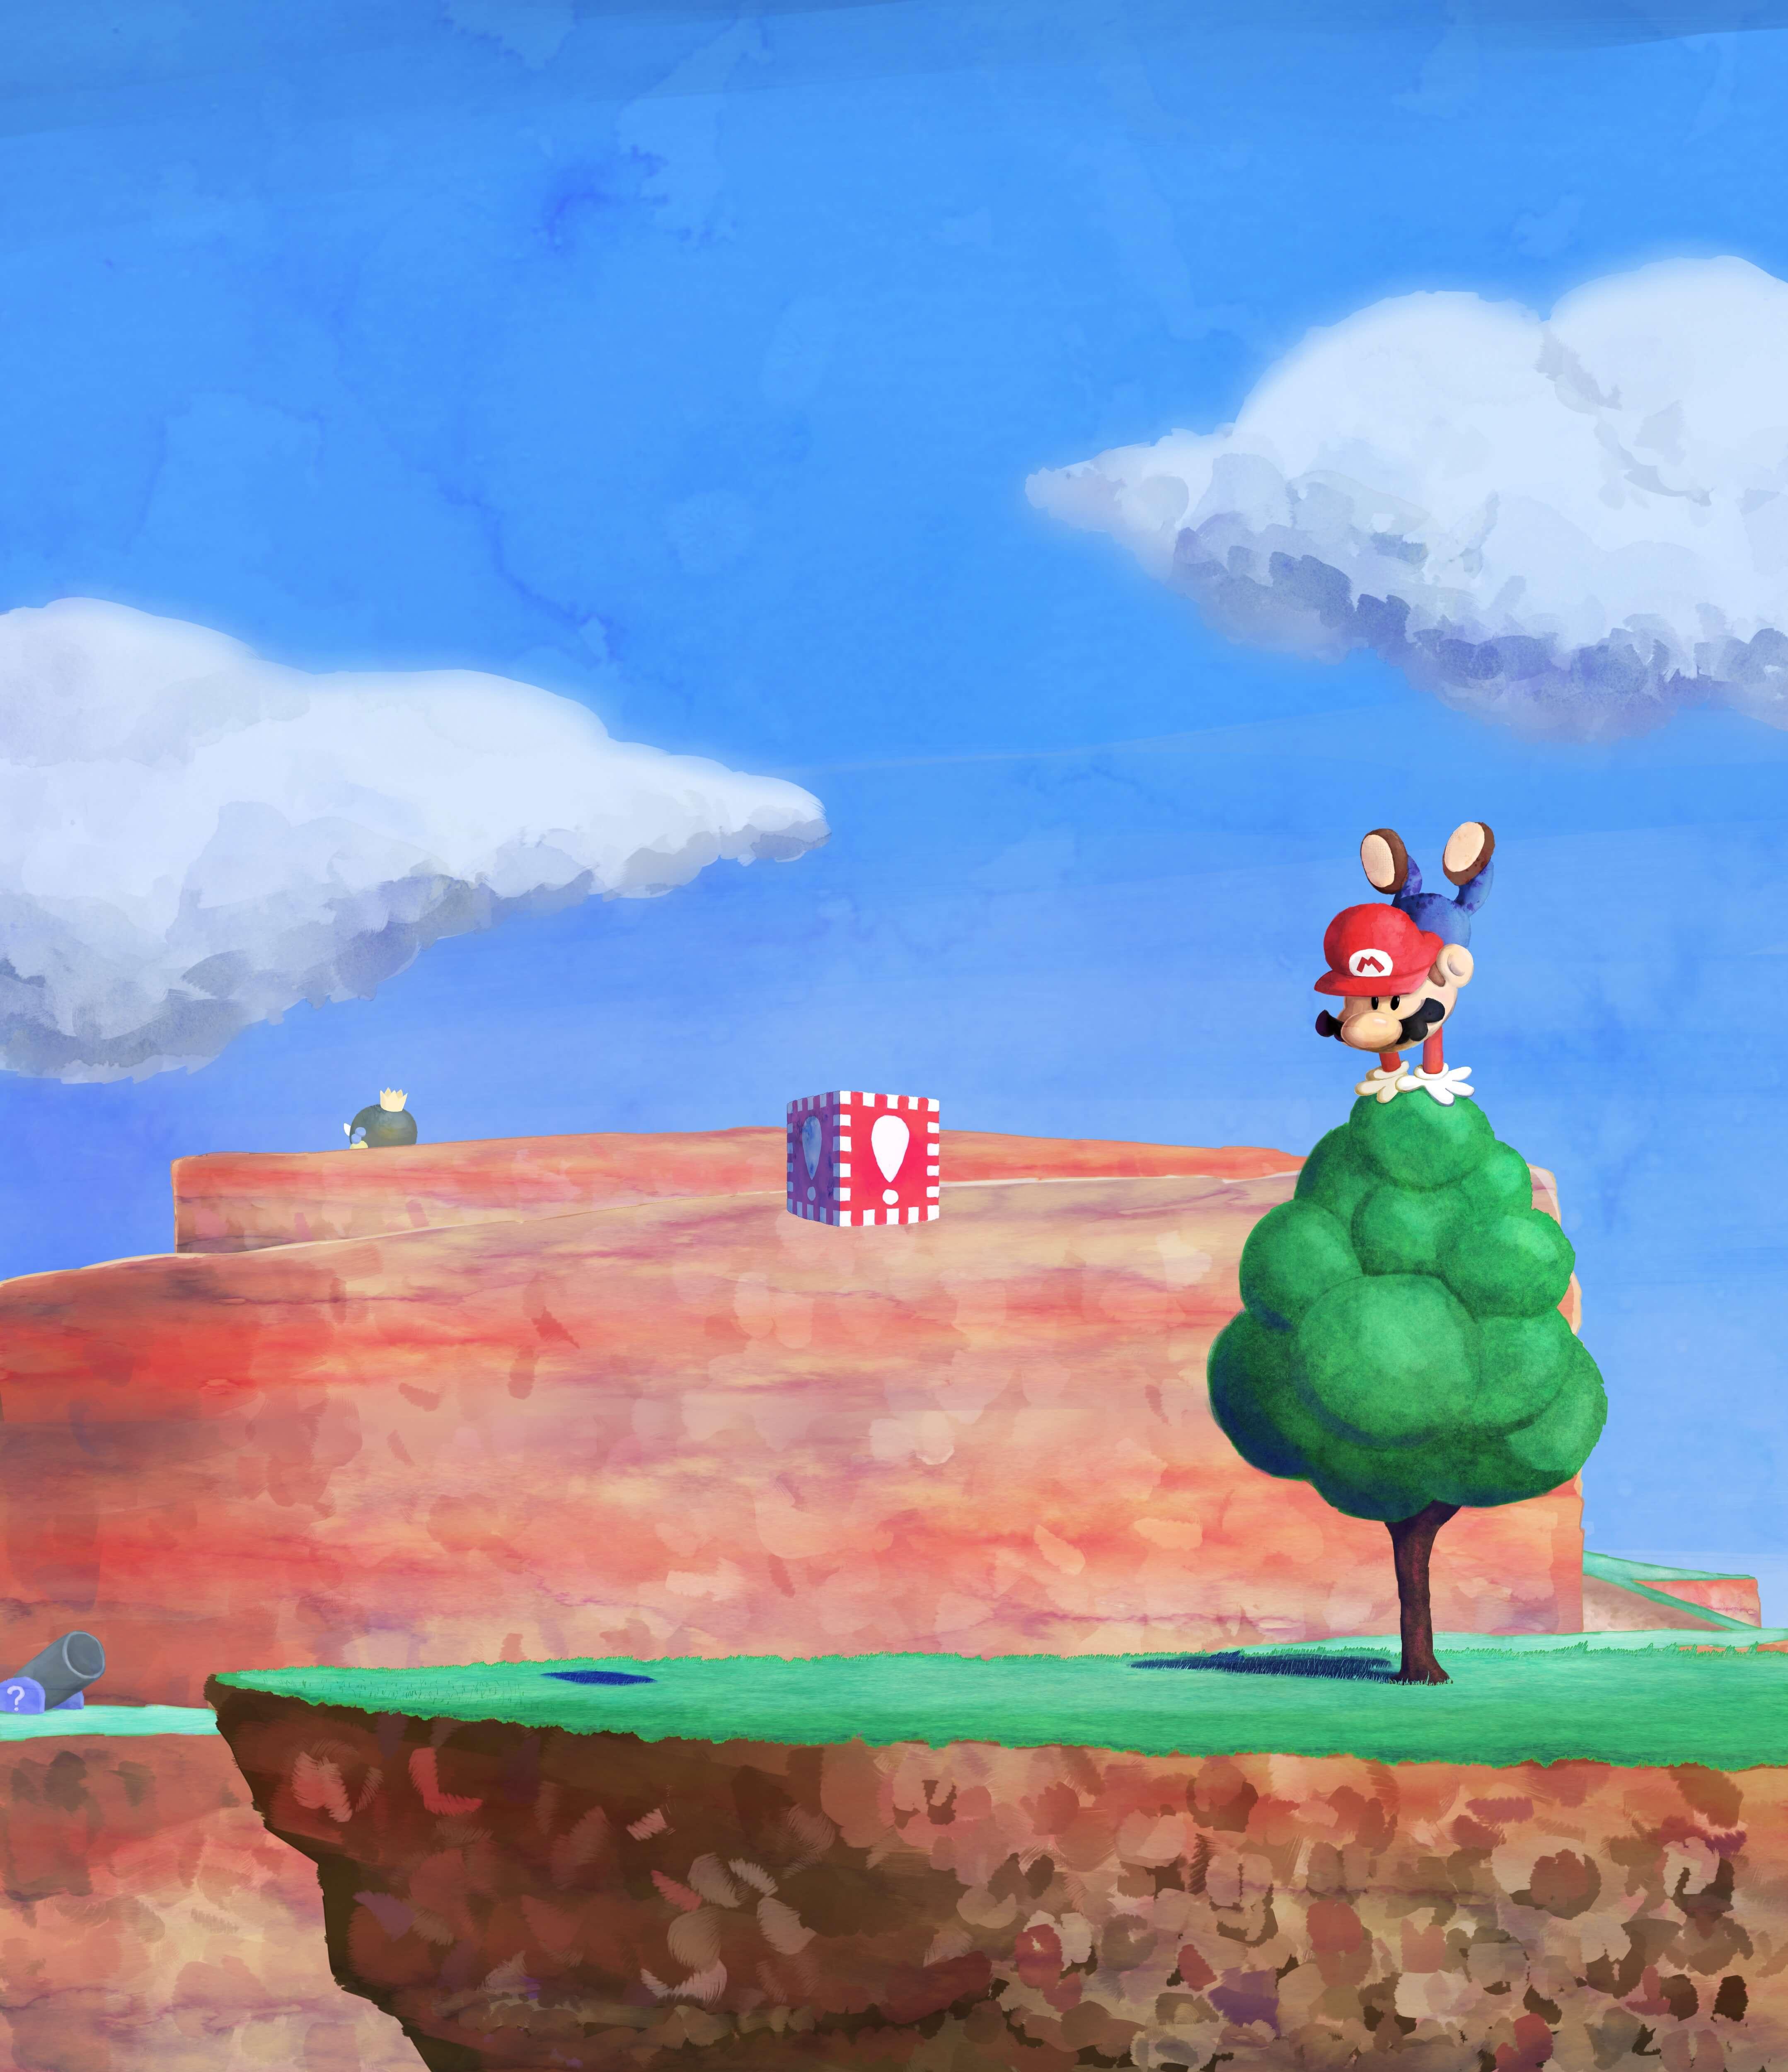 8 Fonds D'écran Mario Pour Fêter Les 20 Ans De Mario 64